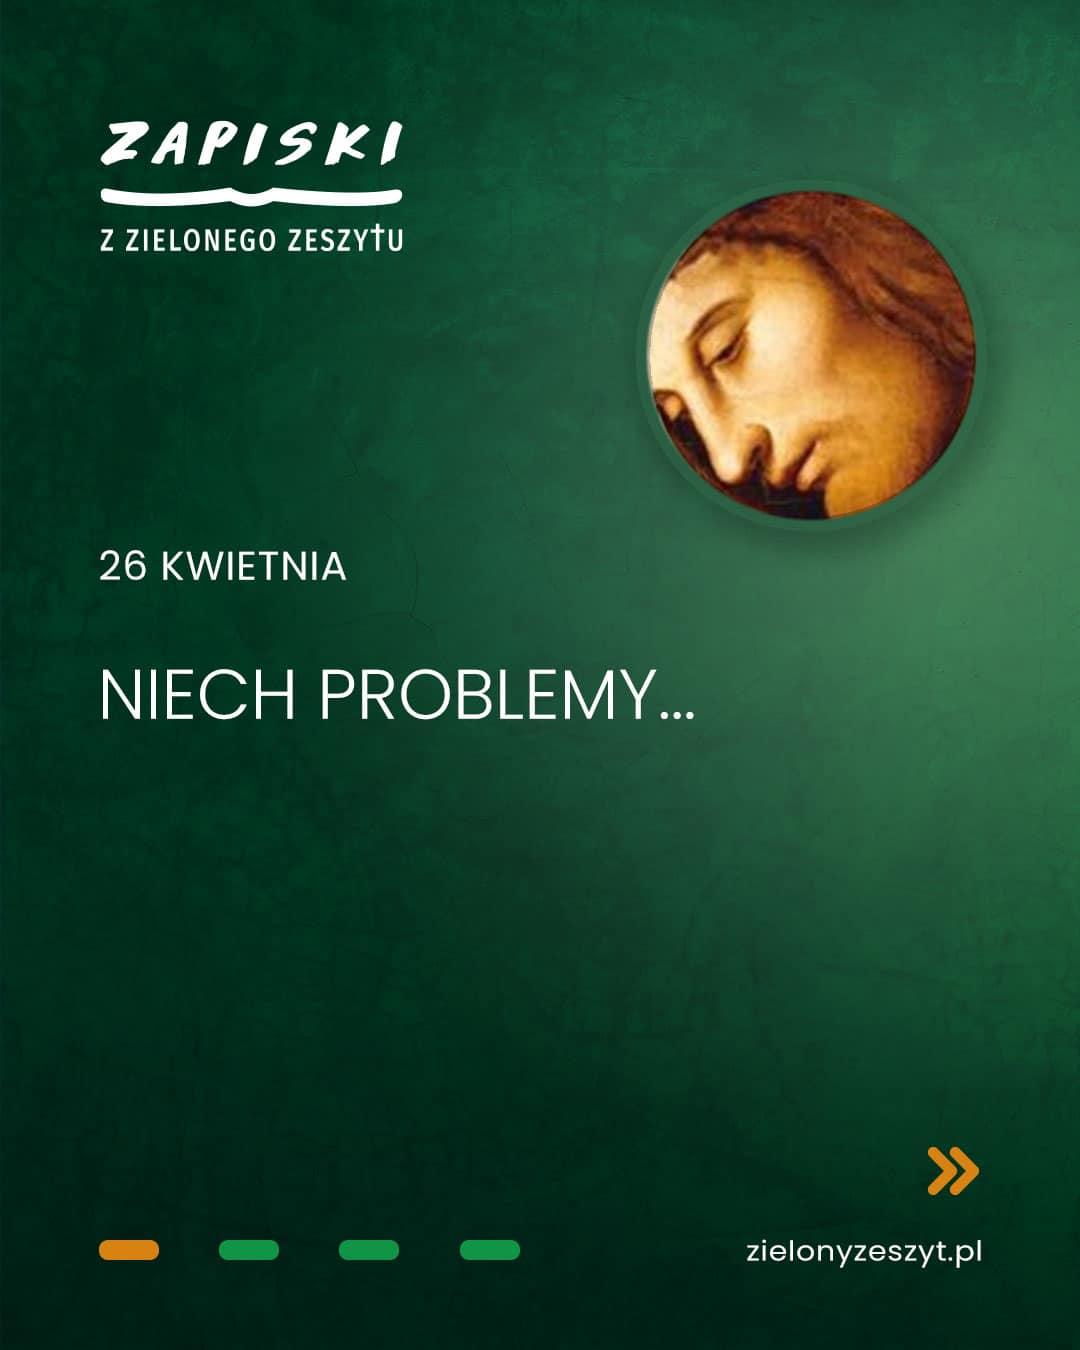 26 kwietnia - Niech problem... (Jezus mówi do ciebie)